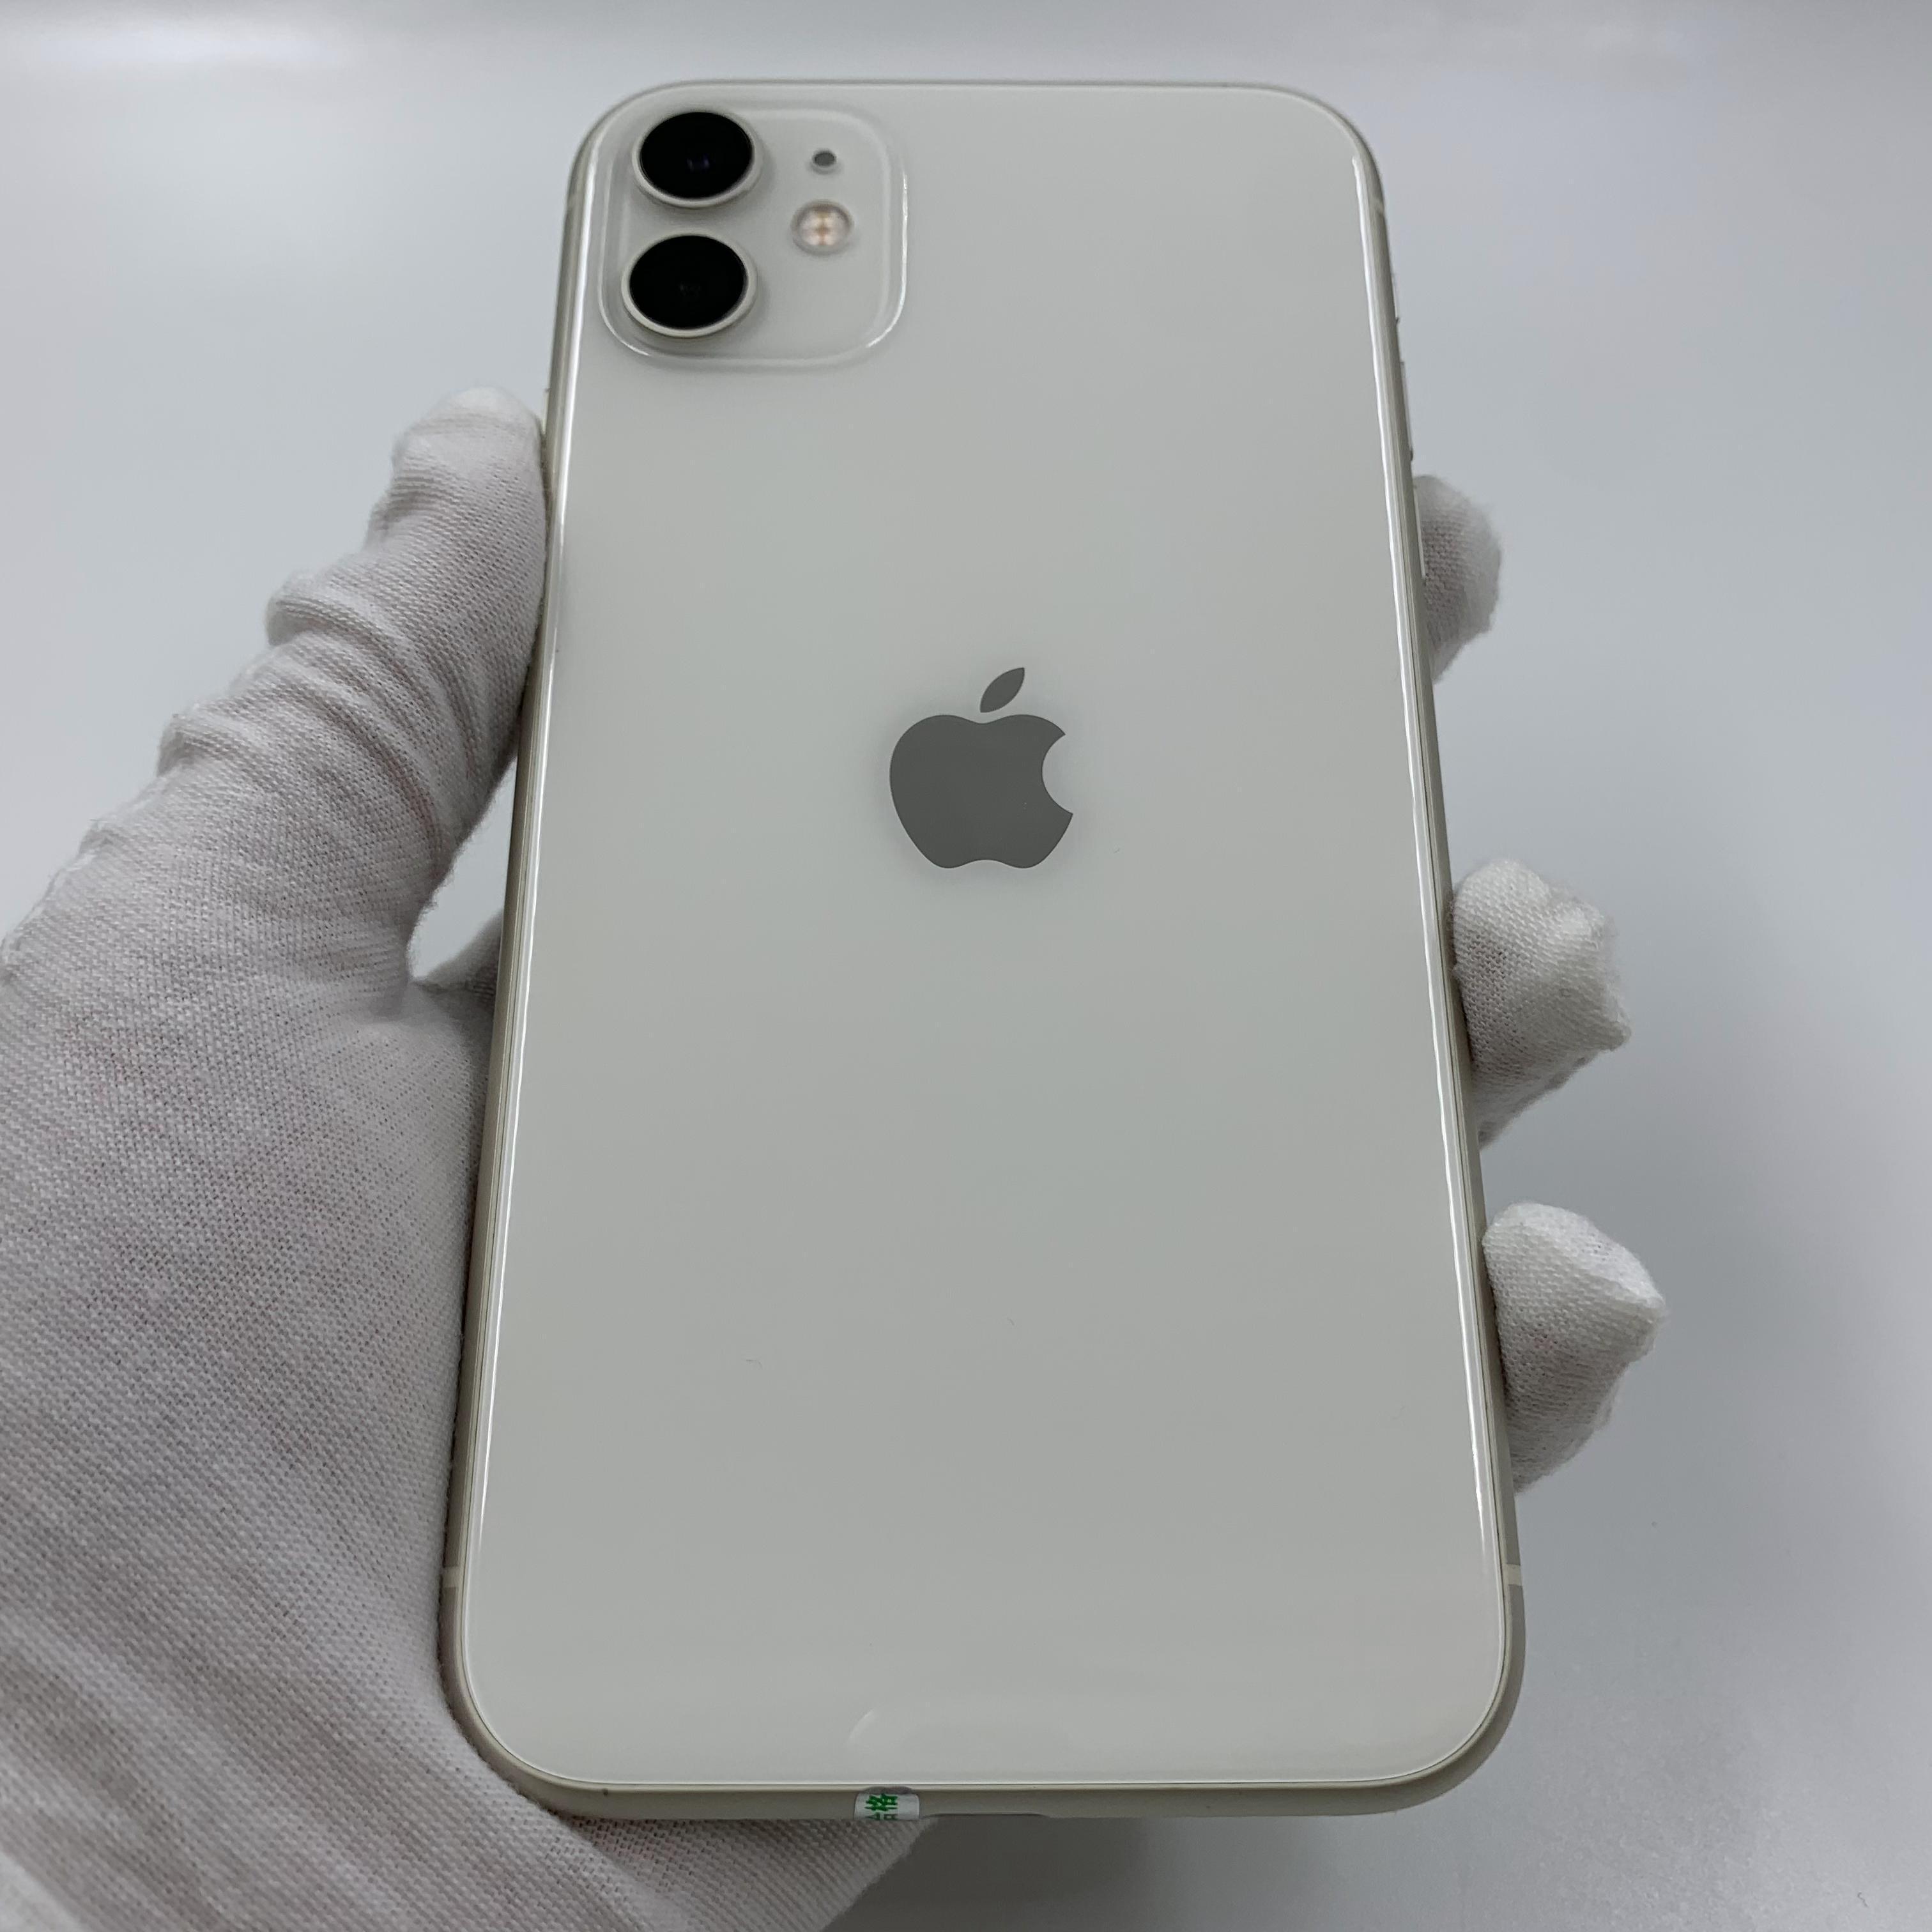 苹果【iPhone 11】4G全网通 白色 128G 国行 9成新 真机实拍